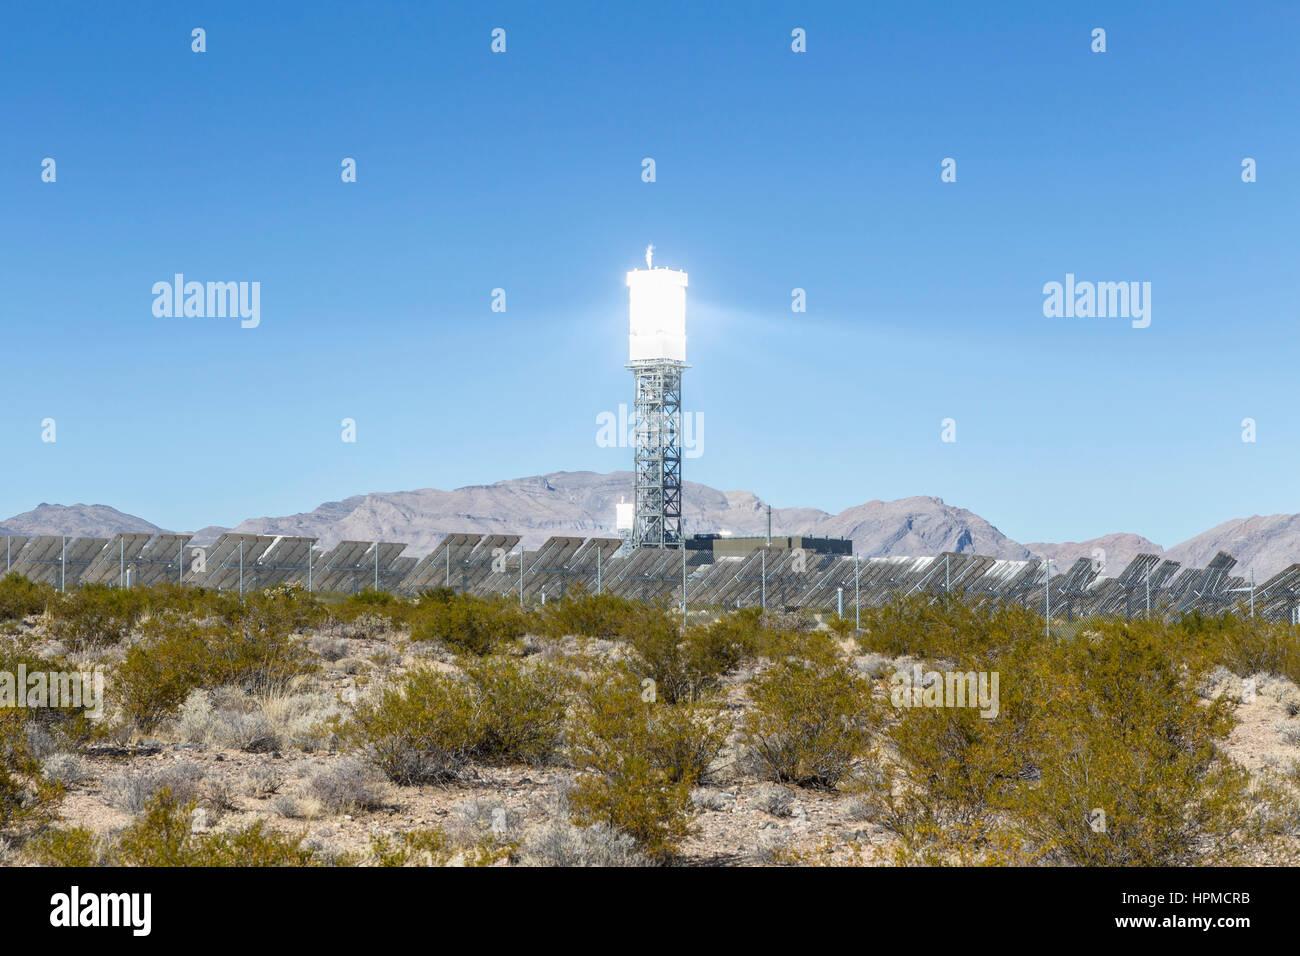 Ivanpah, California, USA - 26 novembre 2014: Solar Reflective power tower à l'Ivanpah centrale solaire Photo Stock